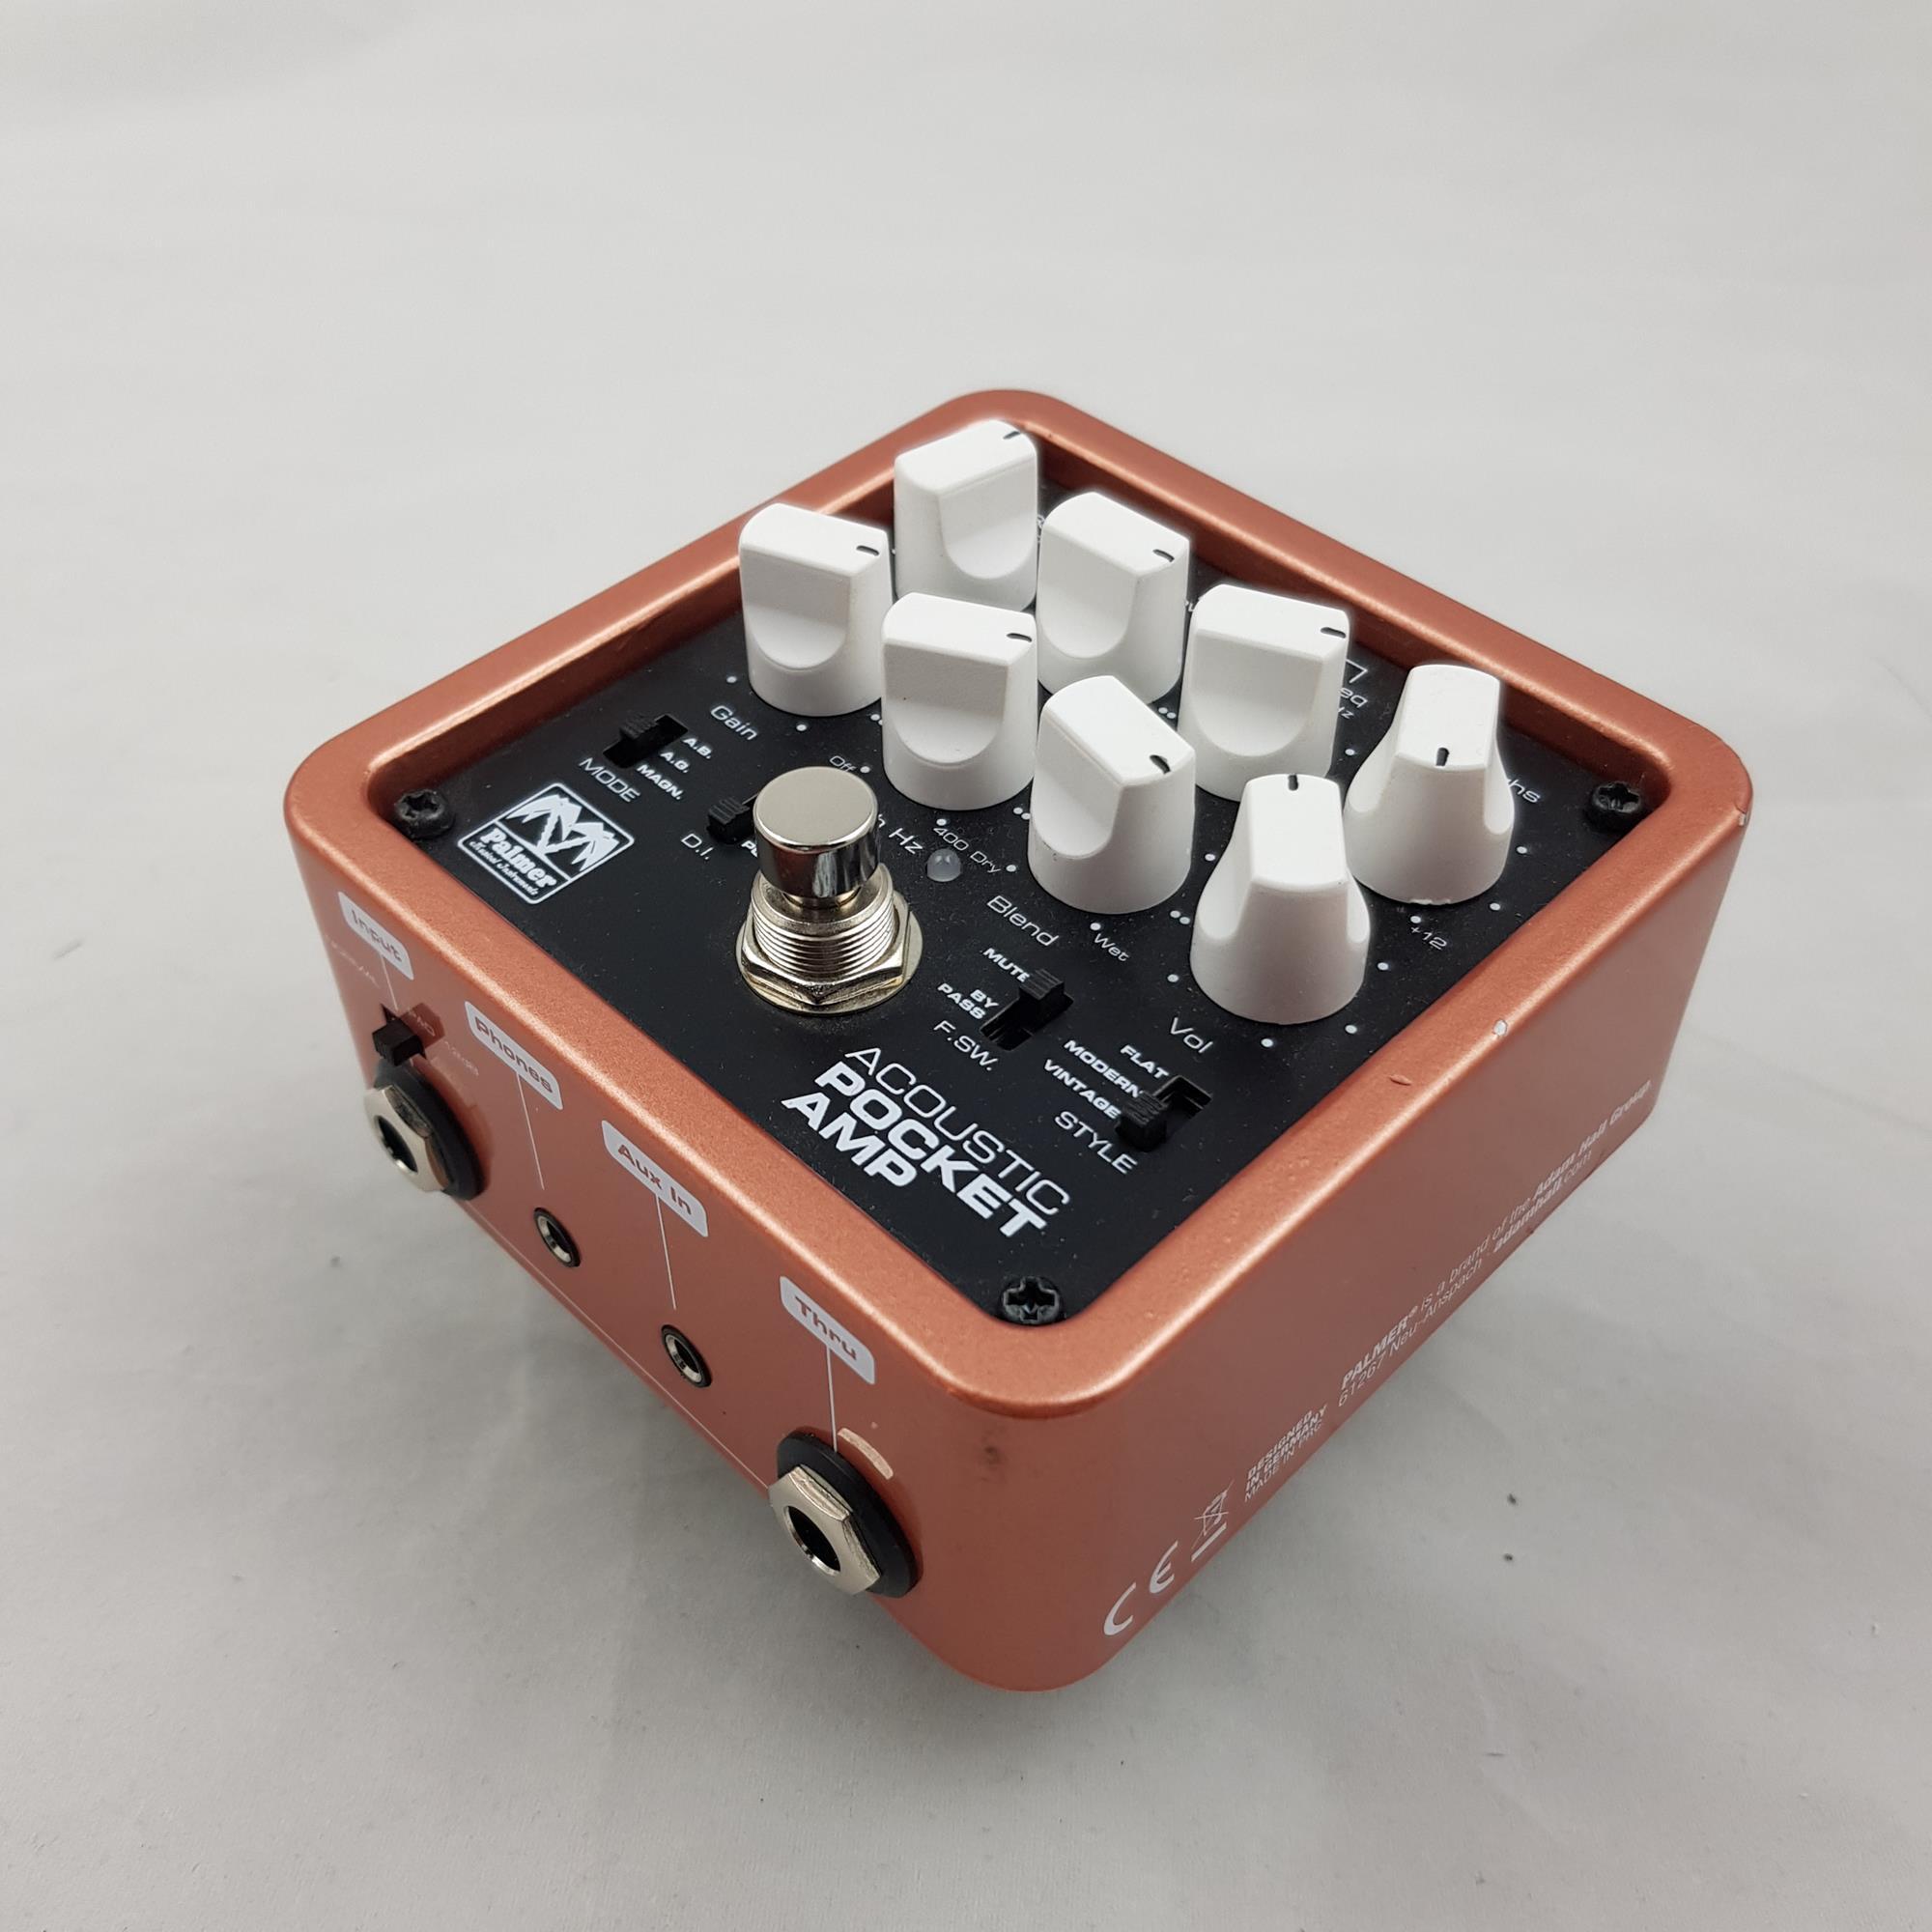 PALMER-POCKET-AMP-ACOUSTIC-sku-1604163569782